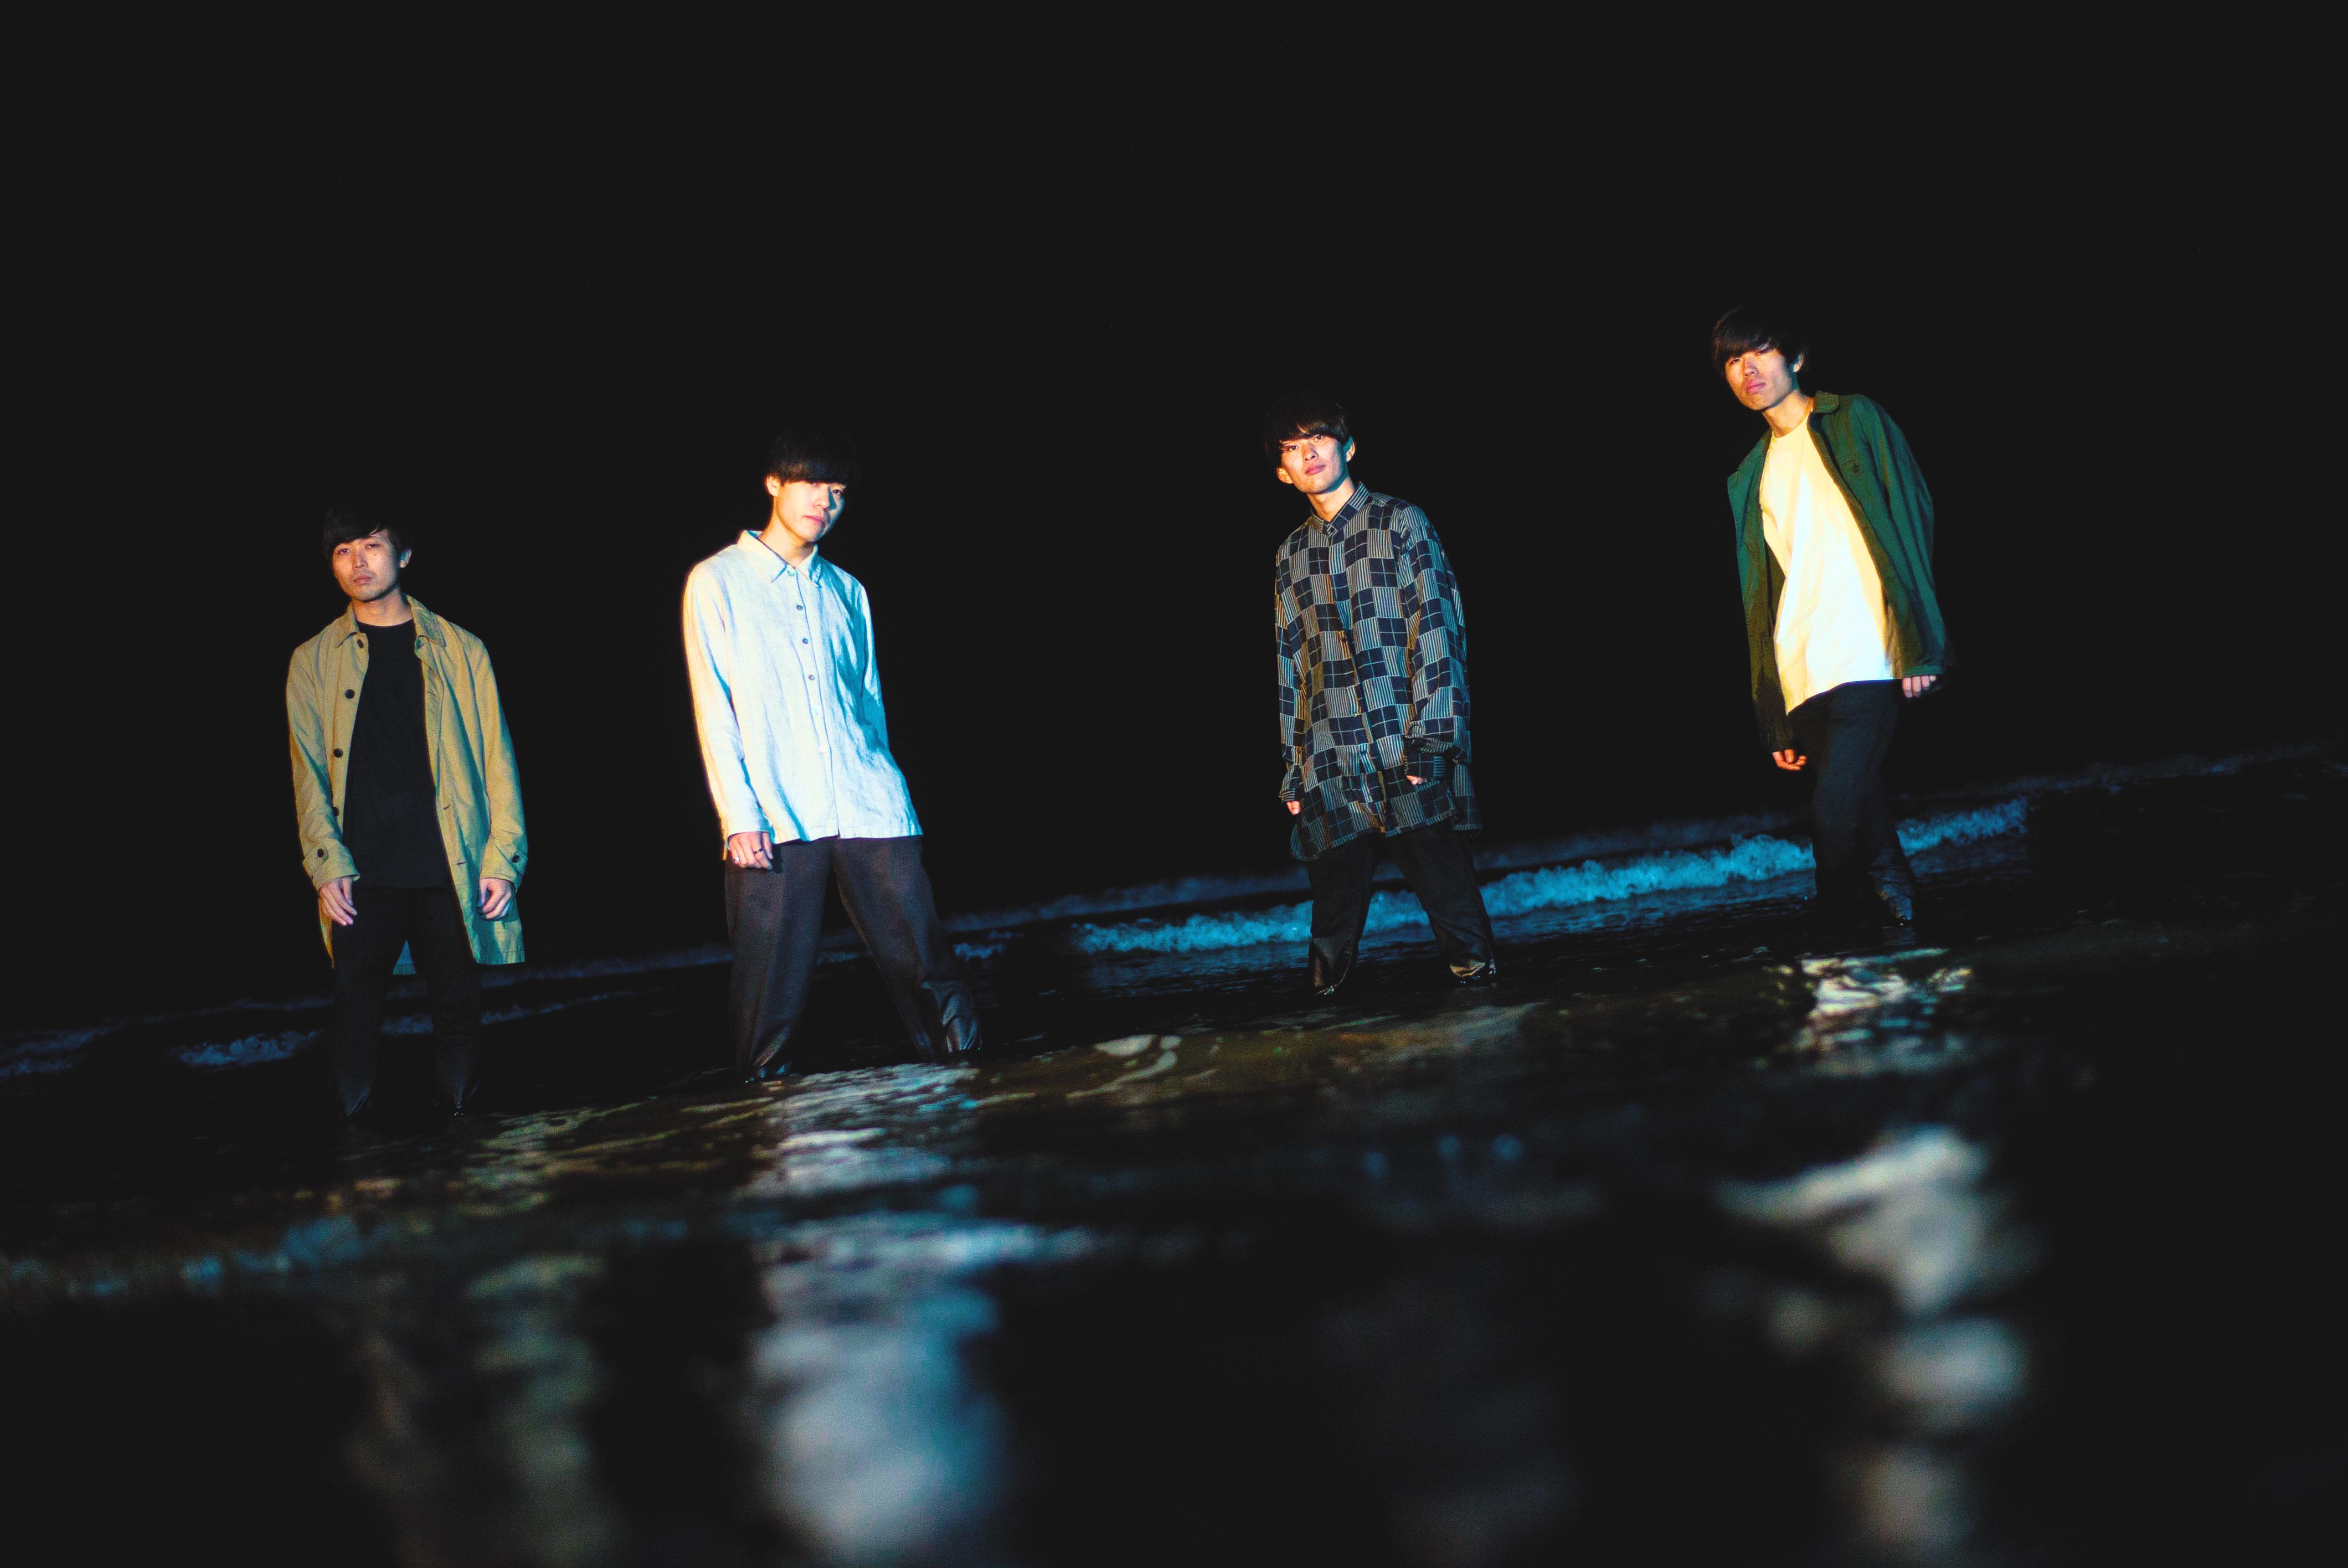 ※延期公演:アメノイロ。「絵空事は息白に消えて e.p」 Release Tour 『春風を待つ君へ』